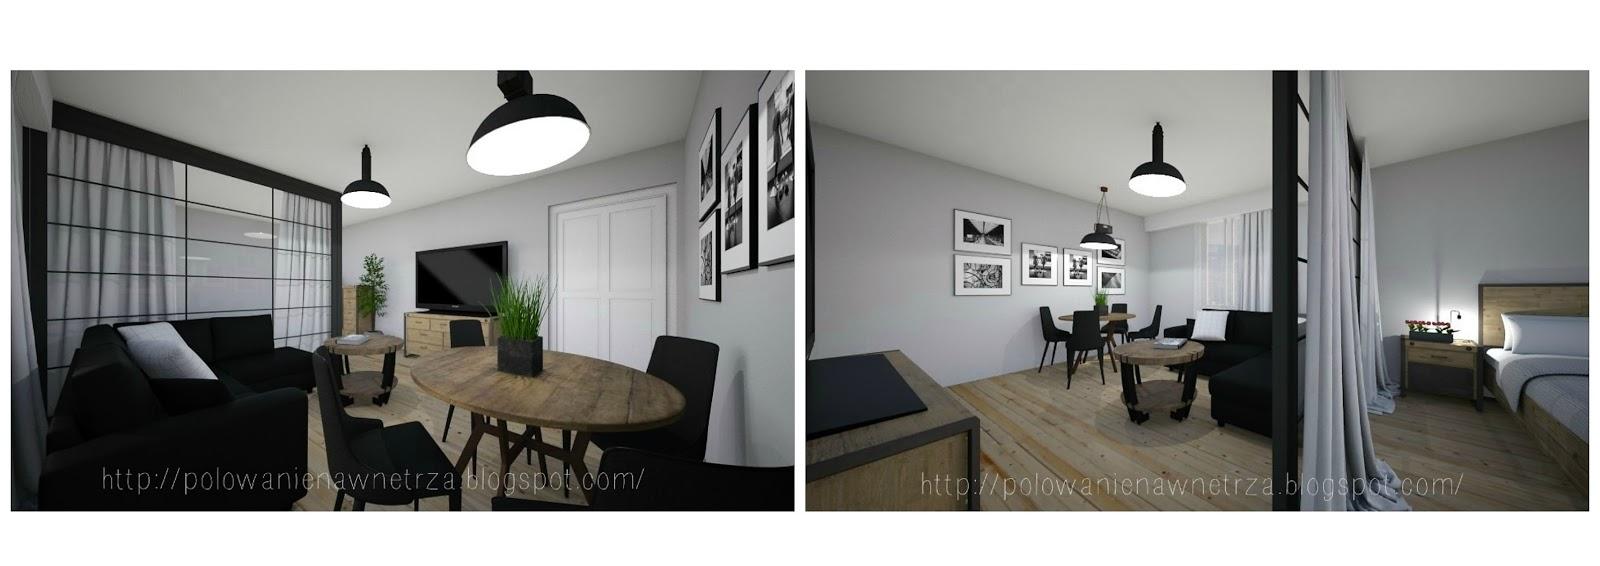 Polowanie Na Wnętrza Projekt Wizualizacja Salon Sypialnia